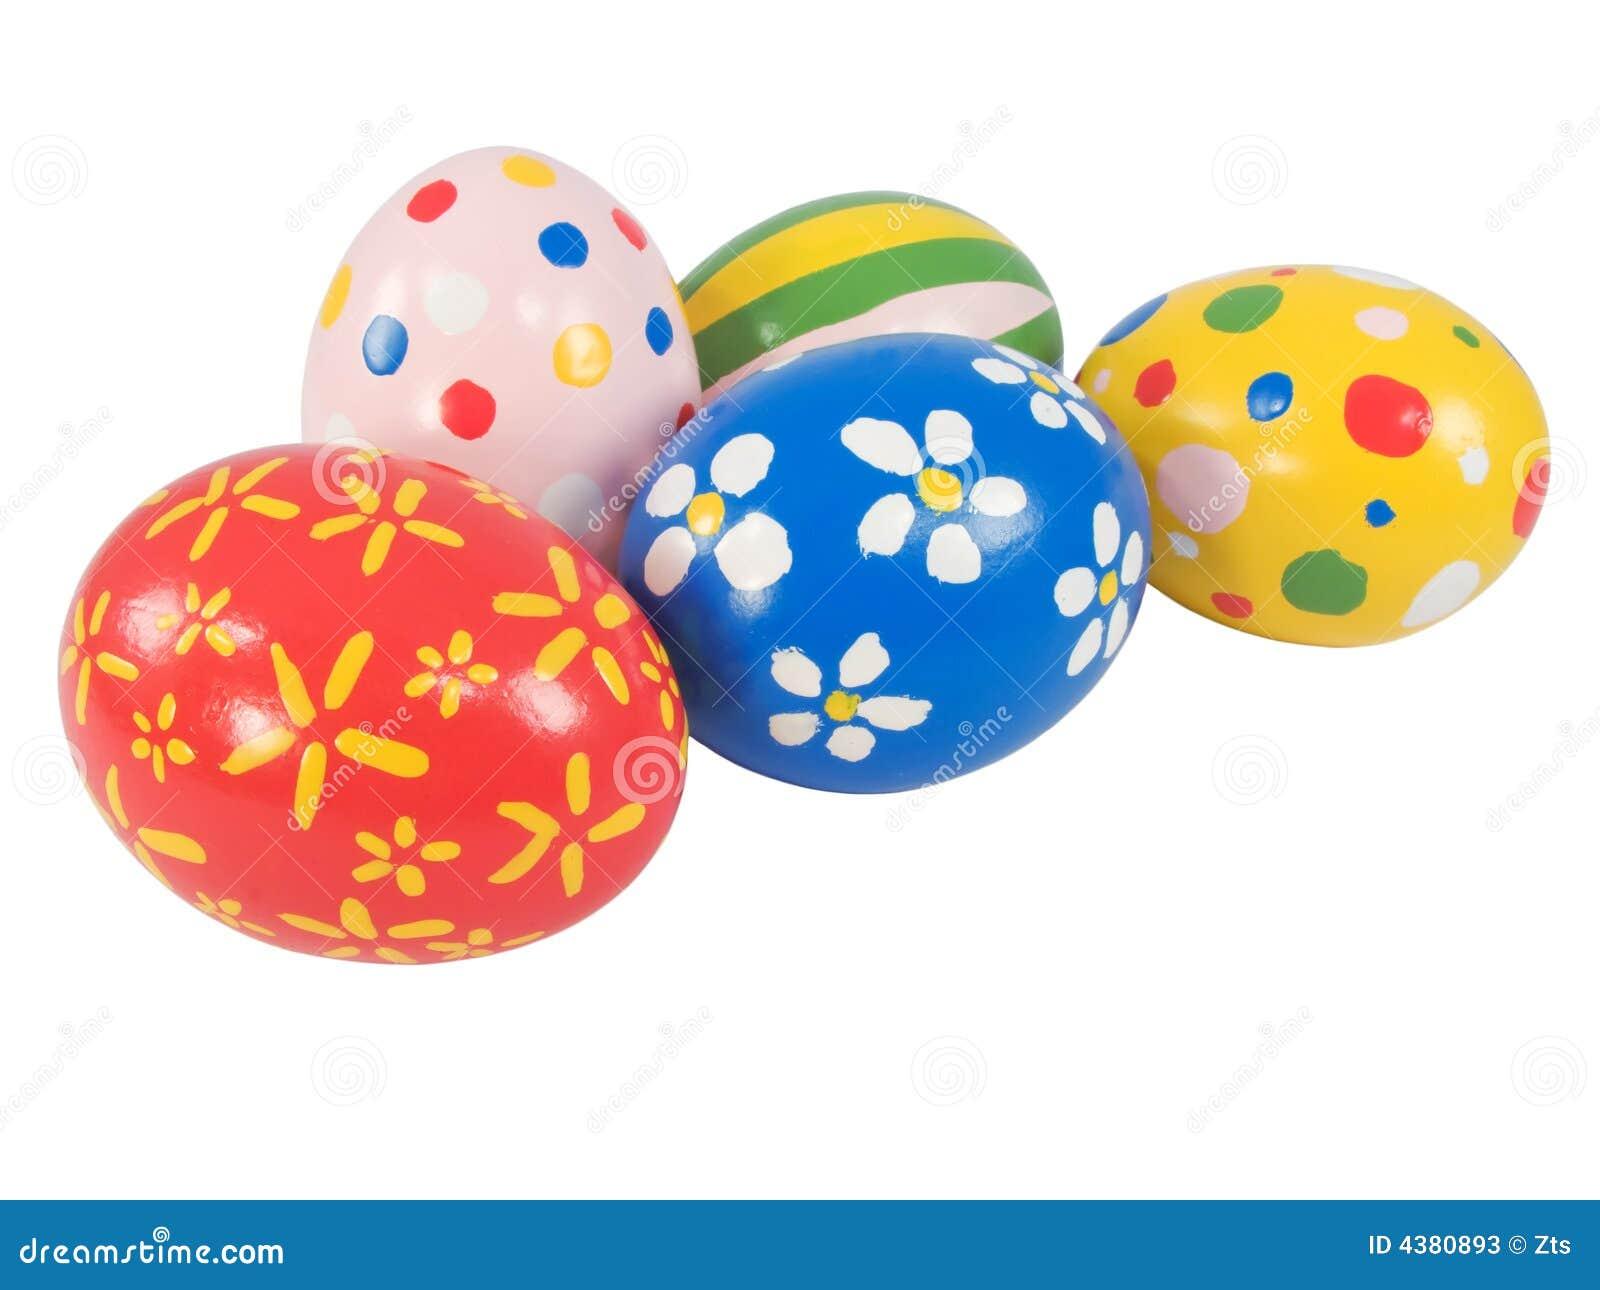 Uova di pasqua dipinte a mano fotografie stock immagine - Uova di pasqua decorati a mano ...